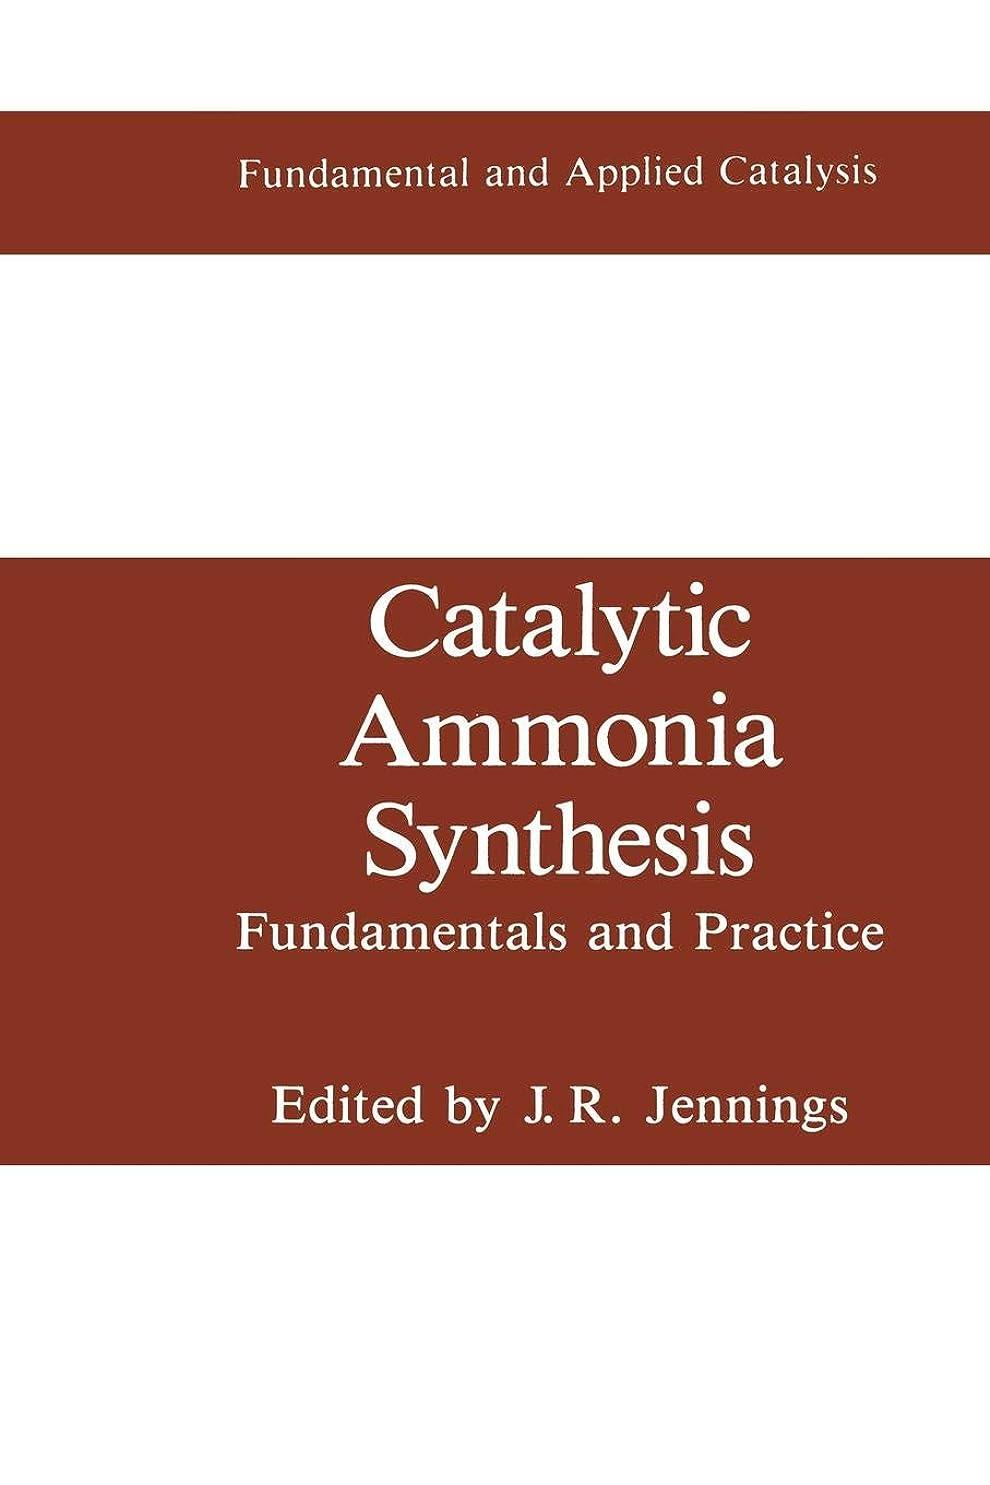 球体遮るクリームCatalytic Ammonia Synthesis: Fundamentals and Practice (Fundamental and Applied Catalysis)